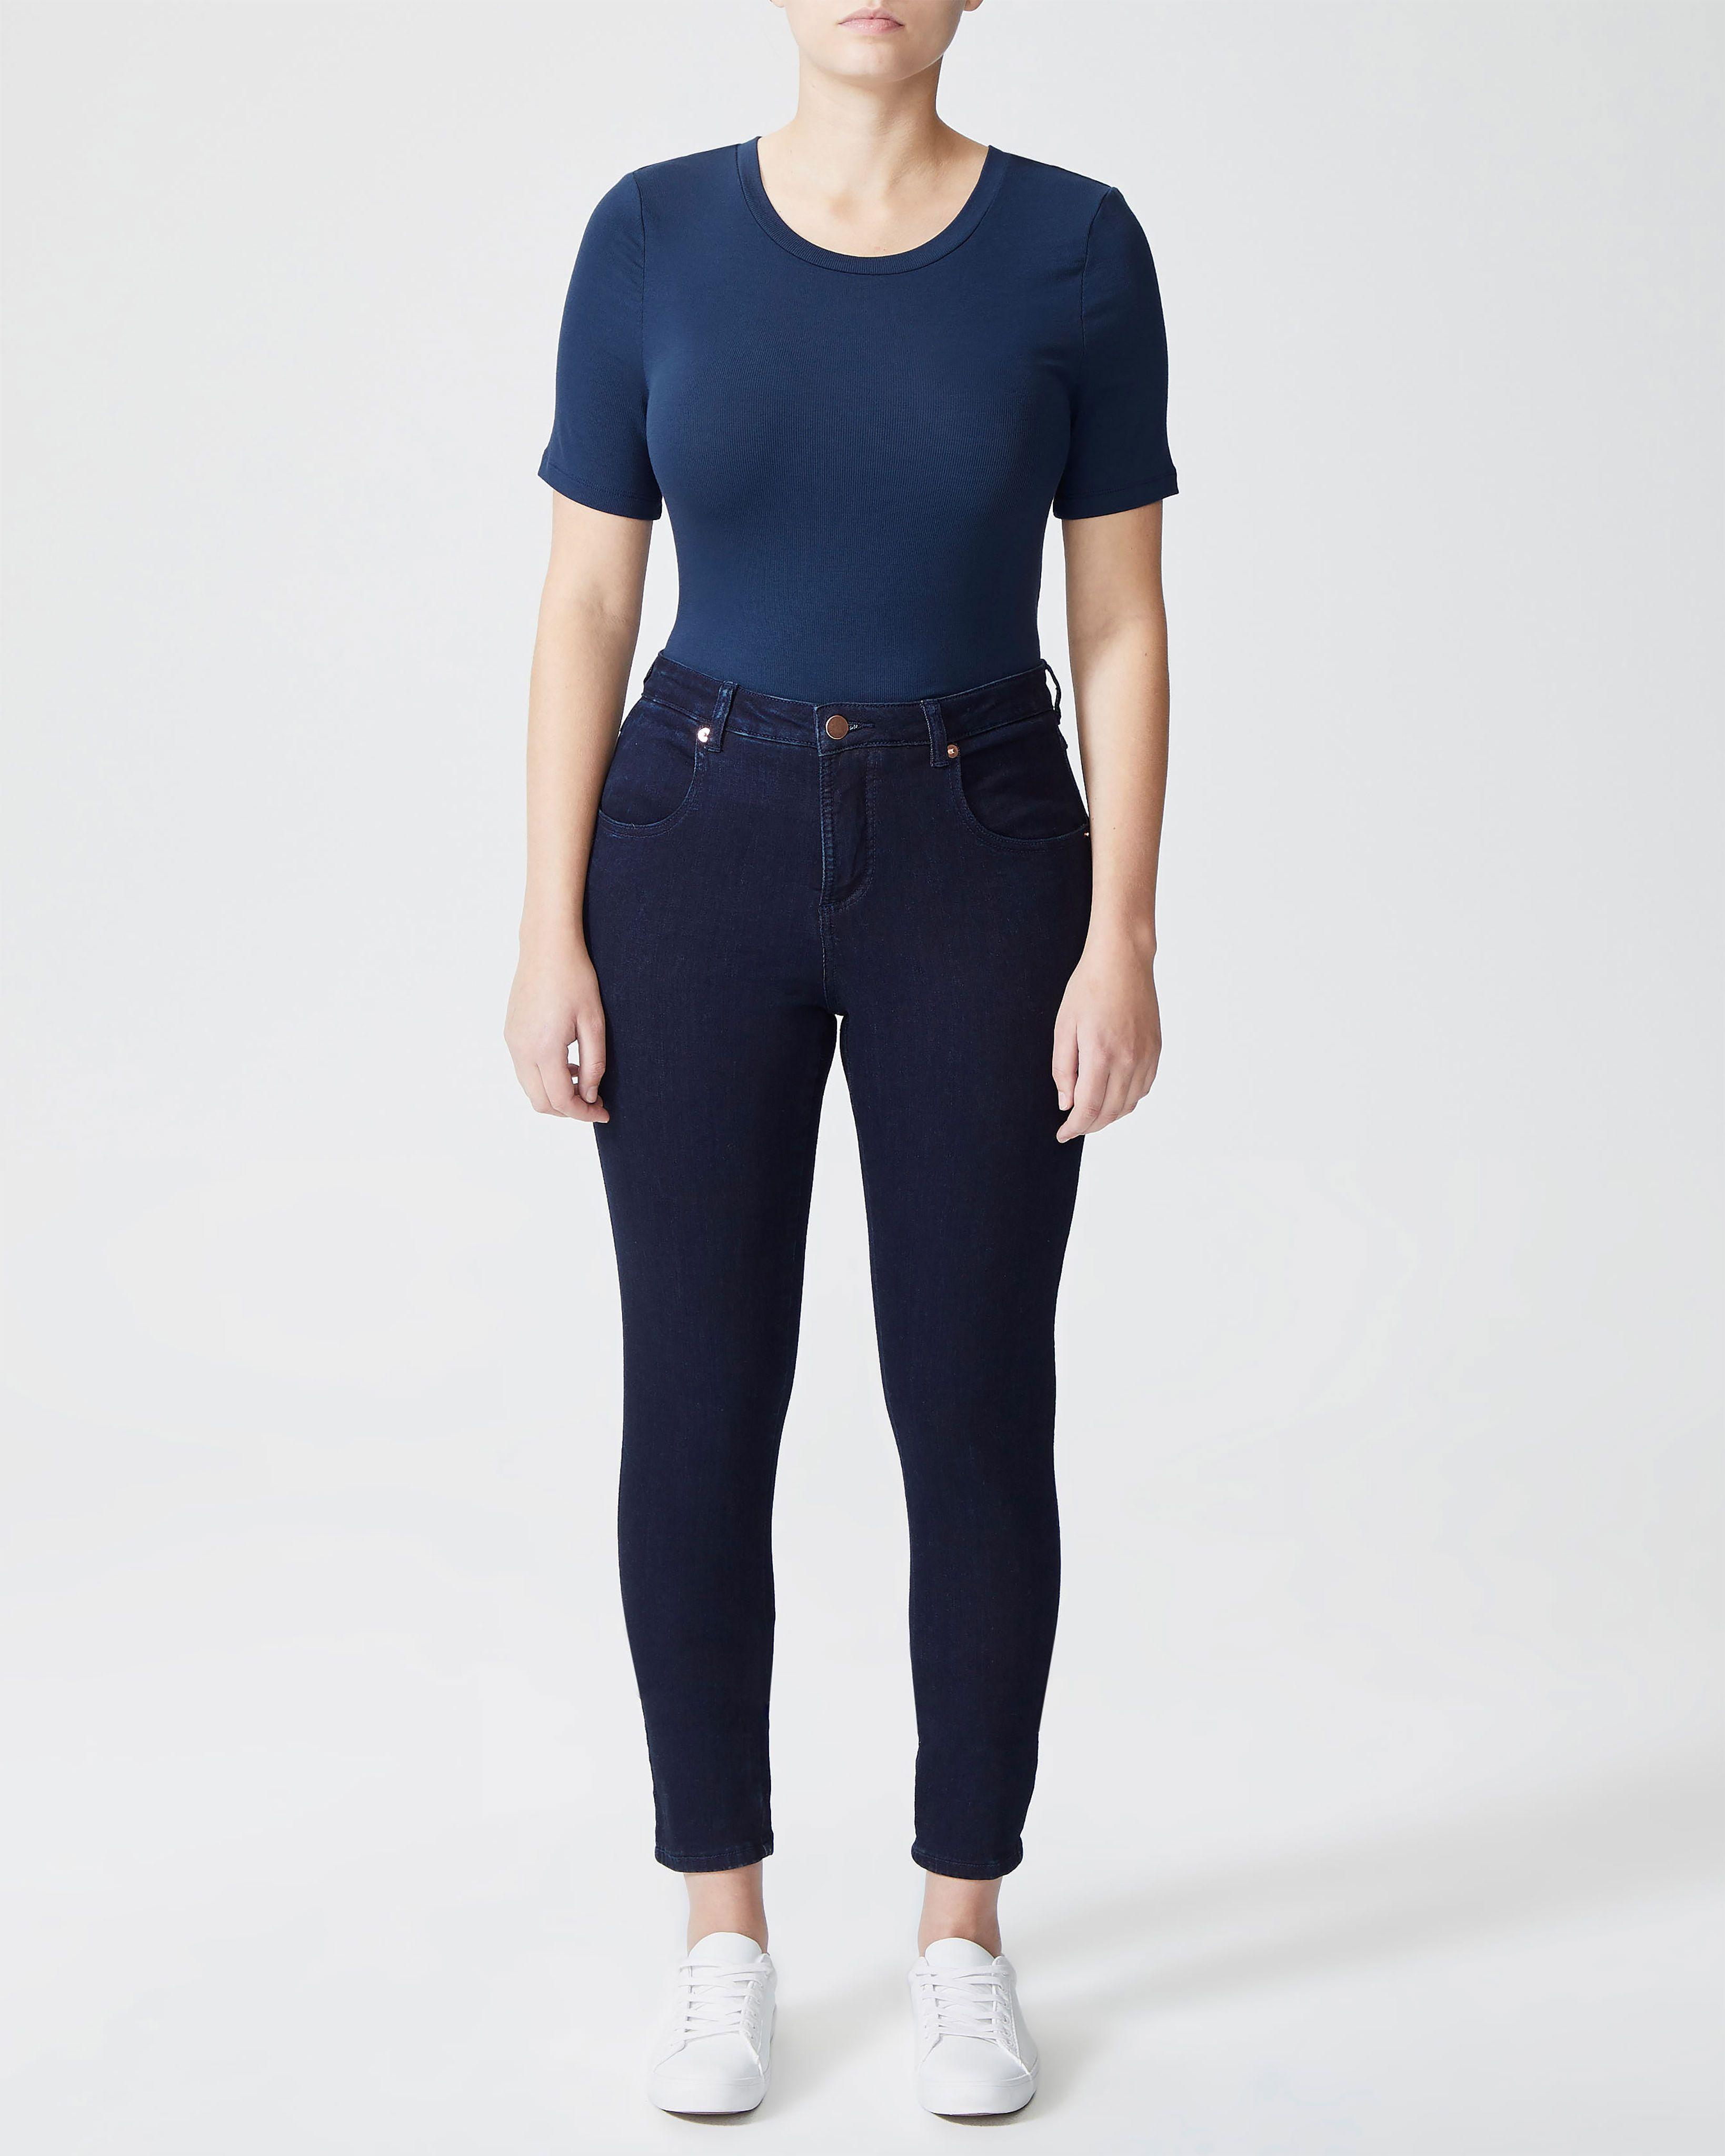 Seine Mid Rise Skinny Jeans 27 Inch - Dark Indigo